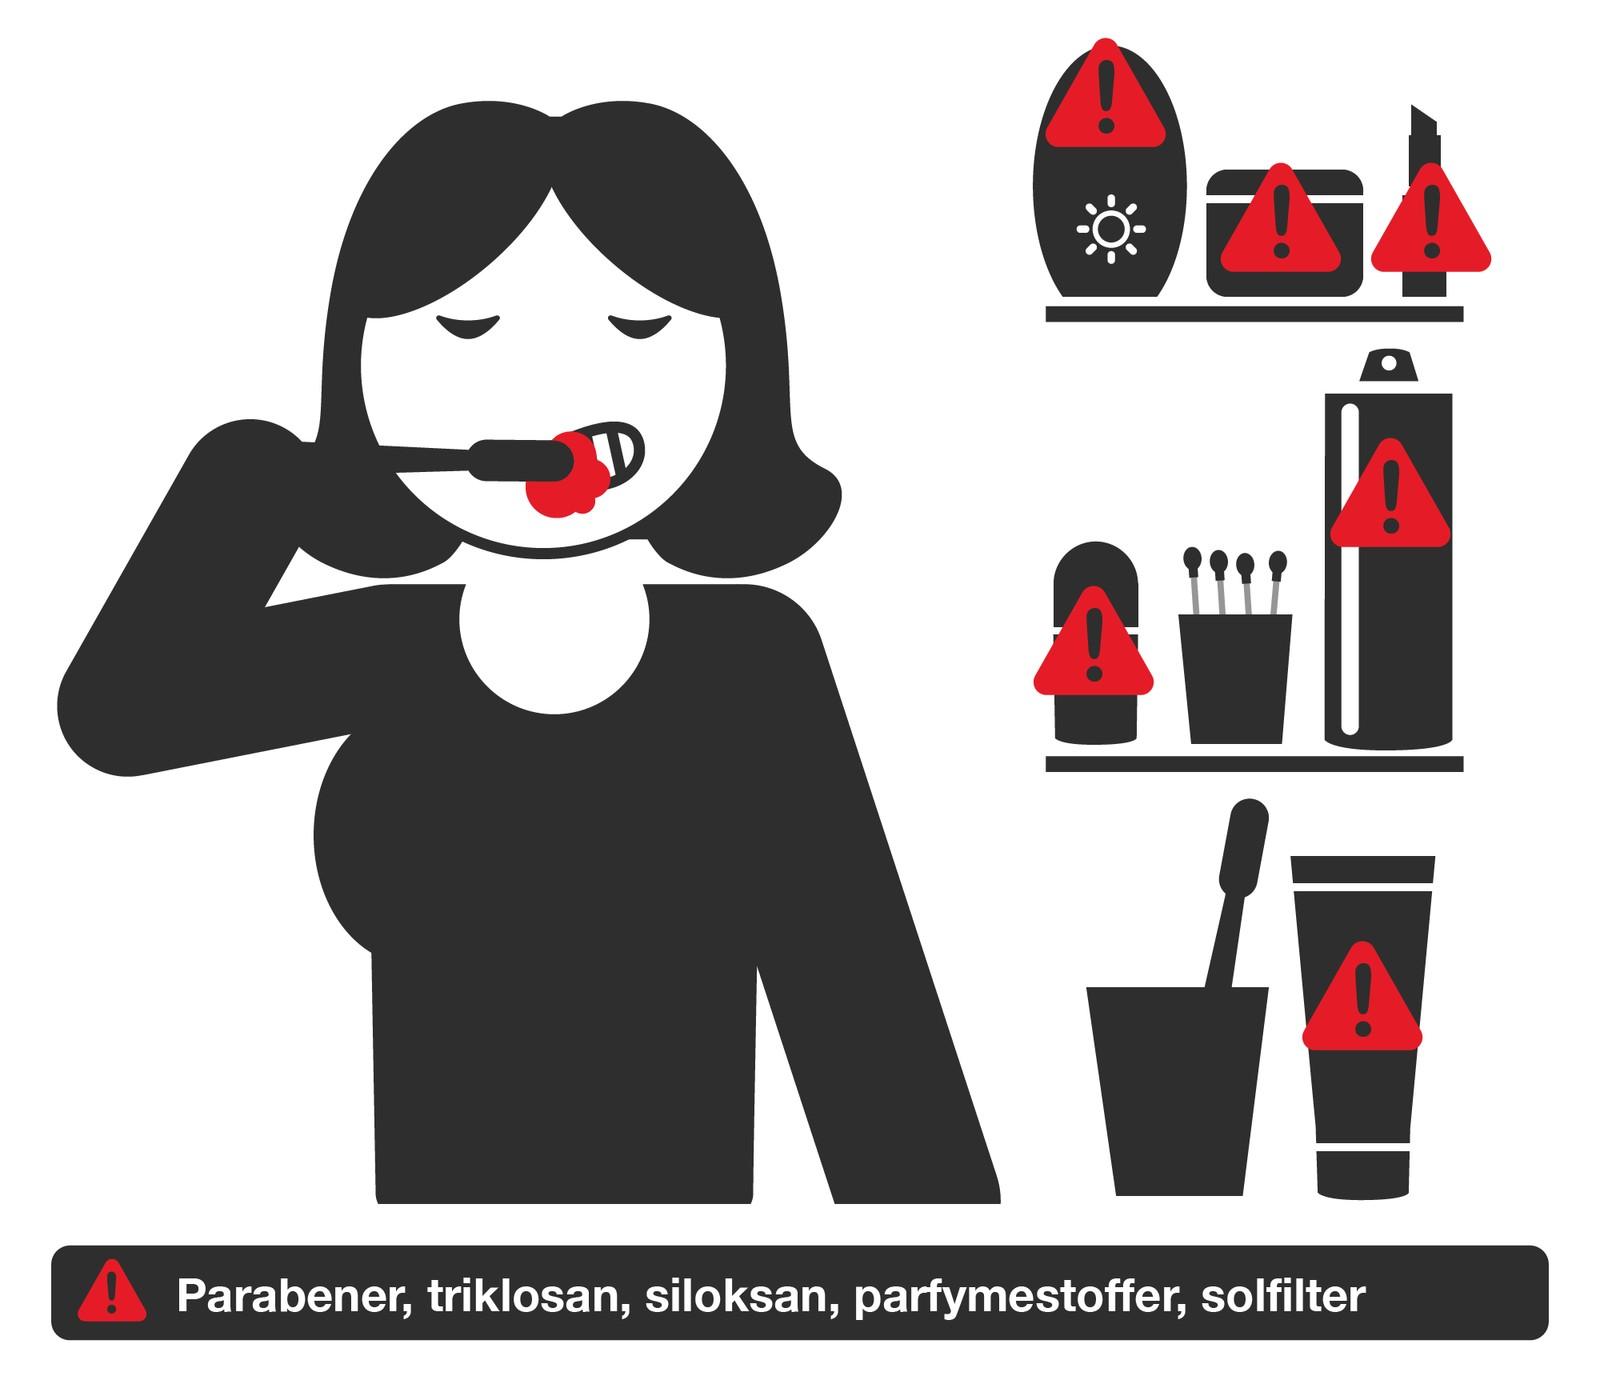 Tannkrem kan inneholde triklosan; bodylotion inneholder ofte siloksan.  Råd: Se etter stoffene på ingredienslista eller kjøp produkter med Svanemerket.